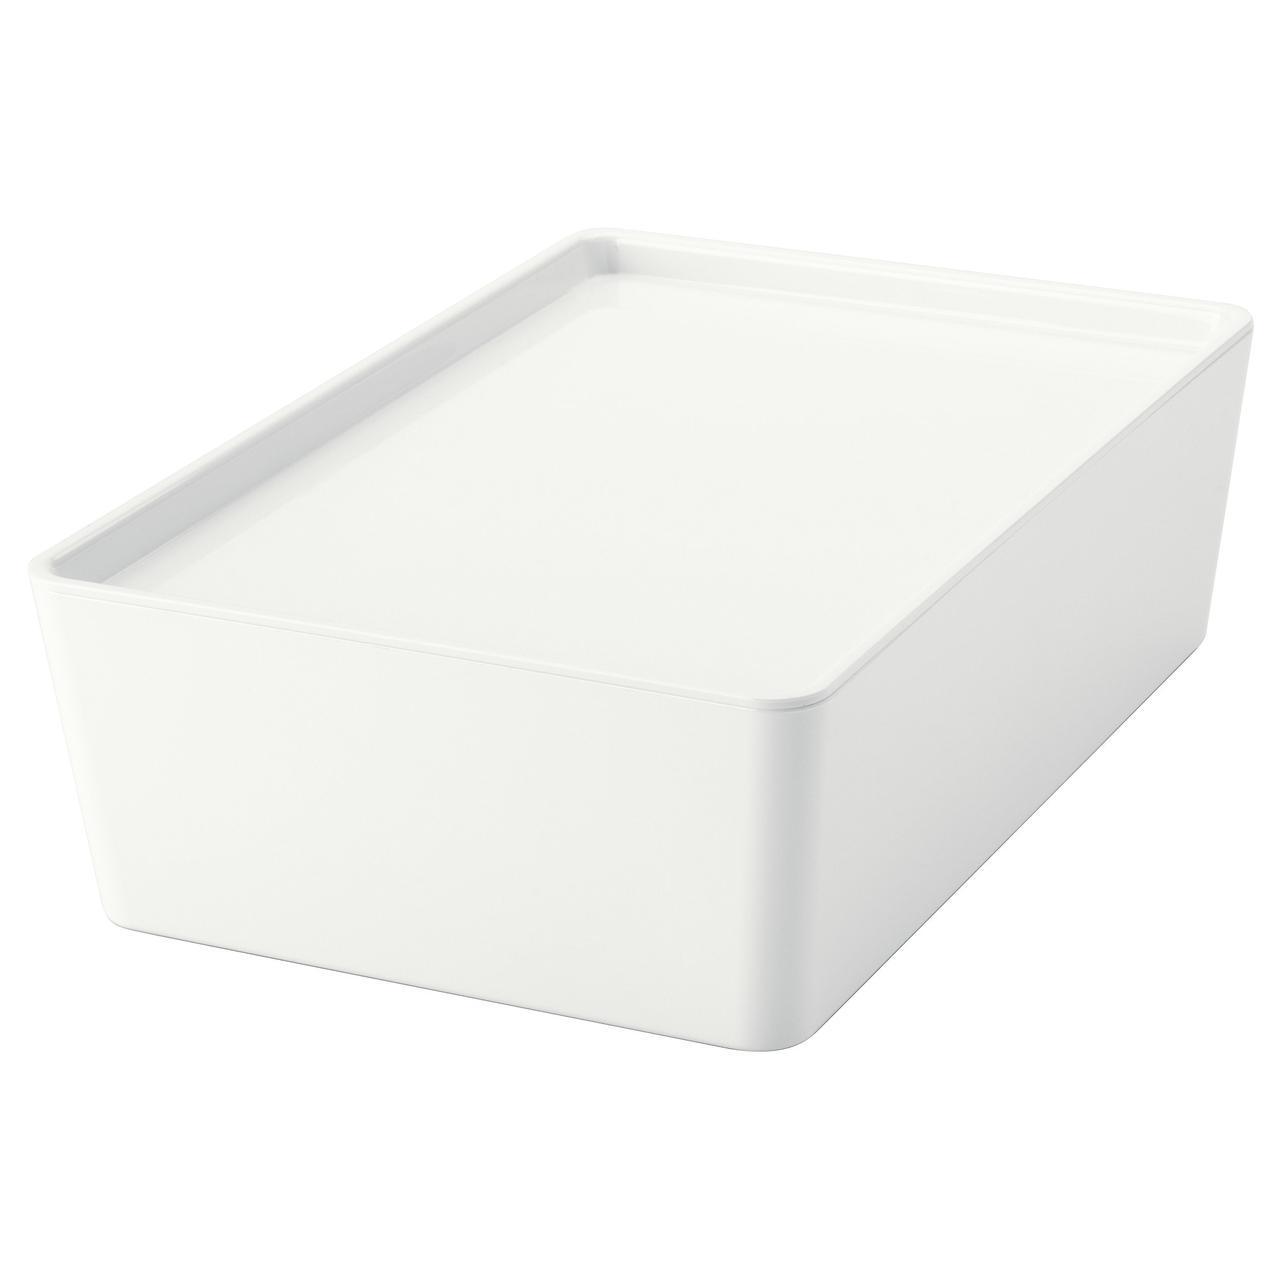 IKEA KUGGIS (202.802.07) Коробка с крышкой, белая